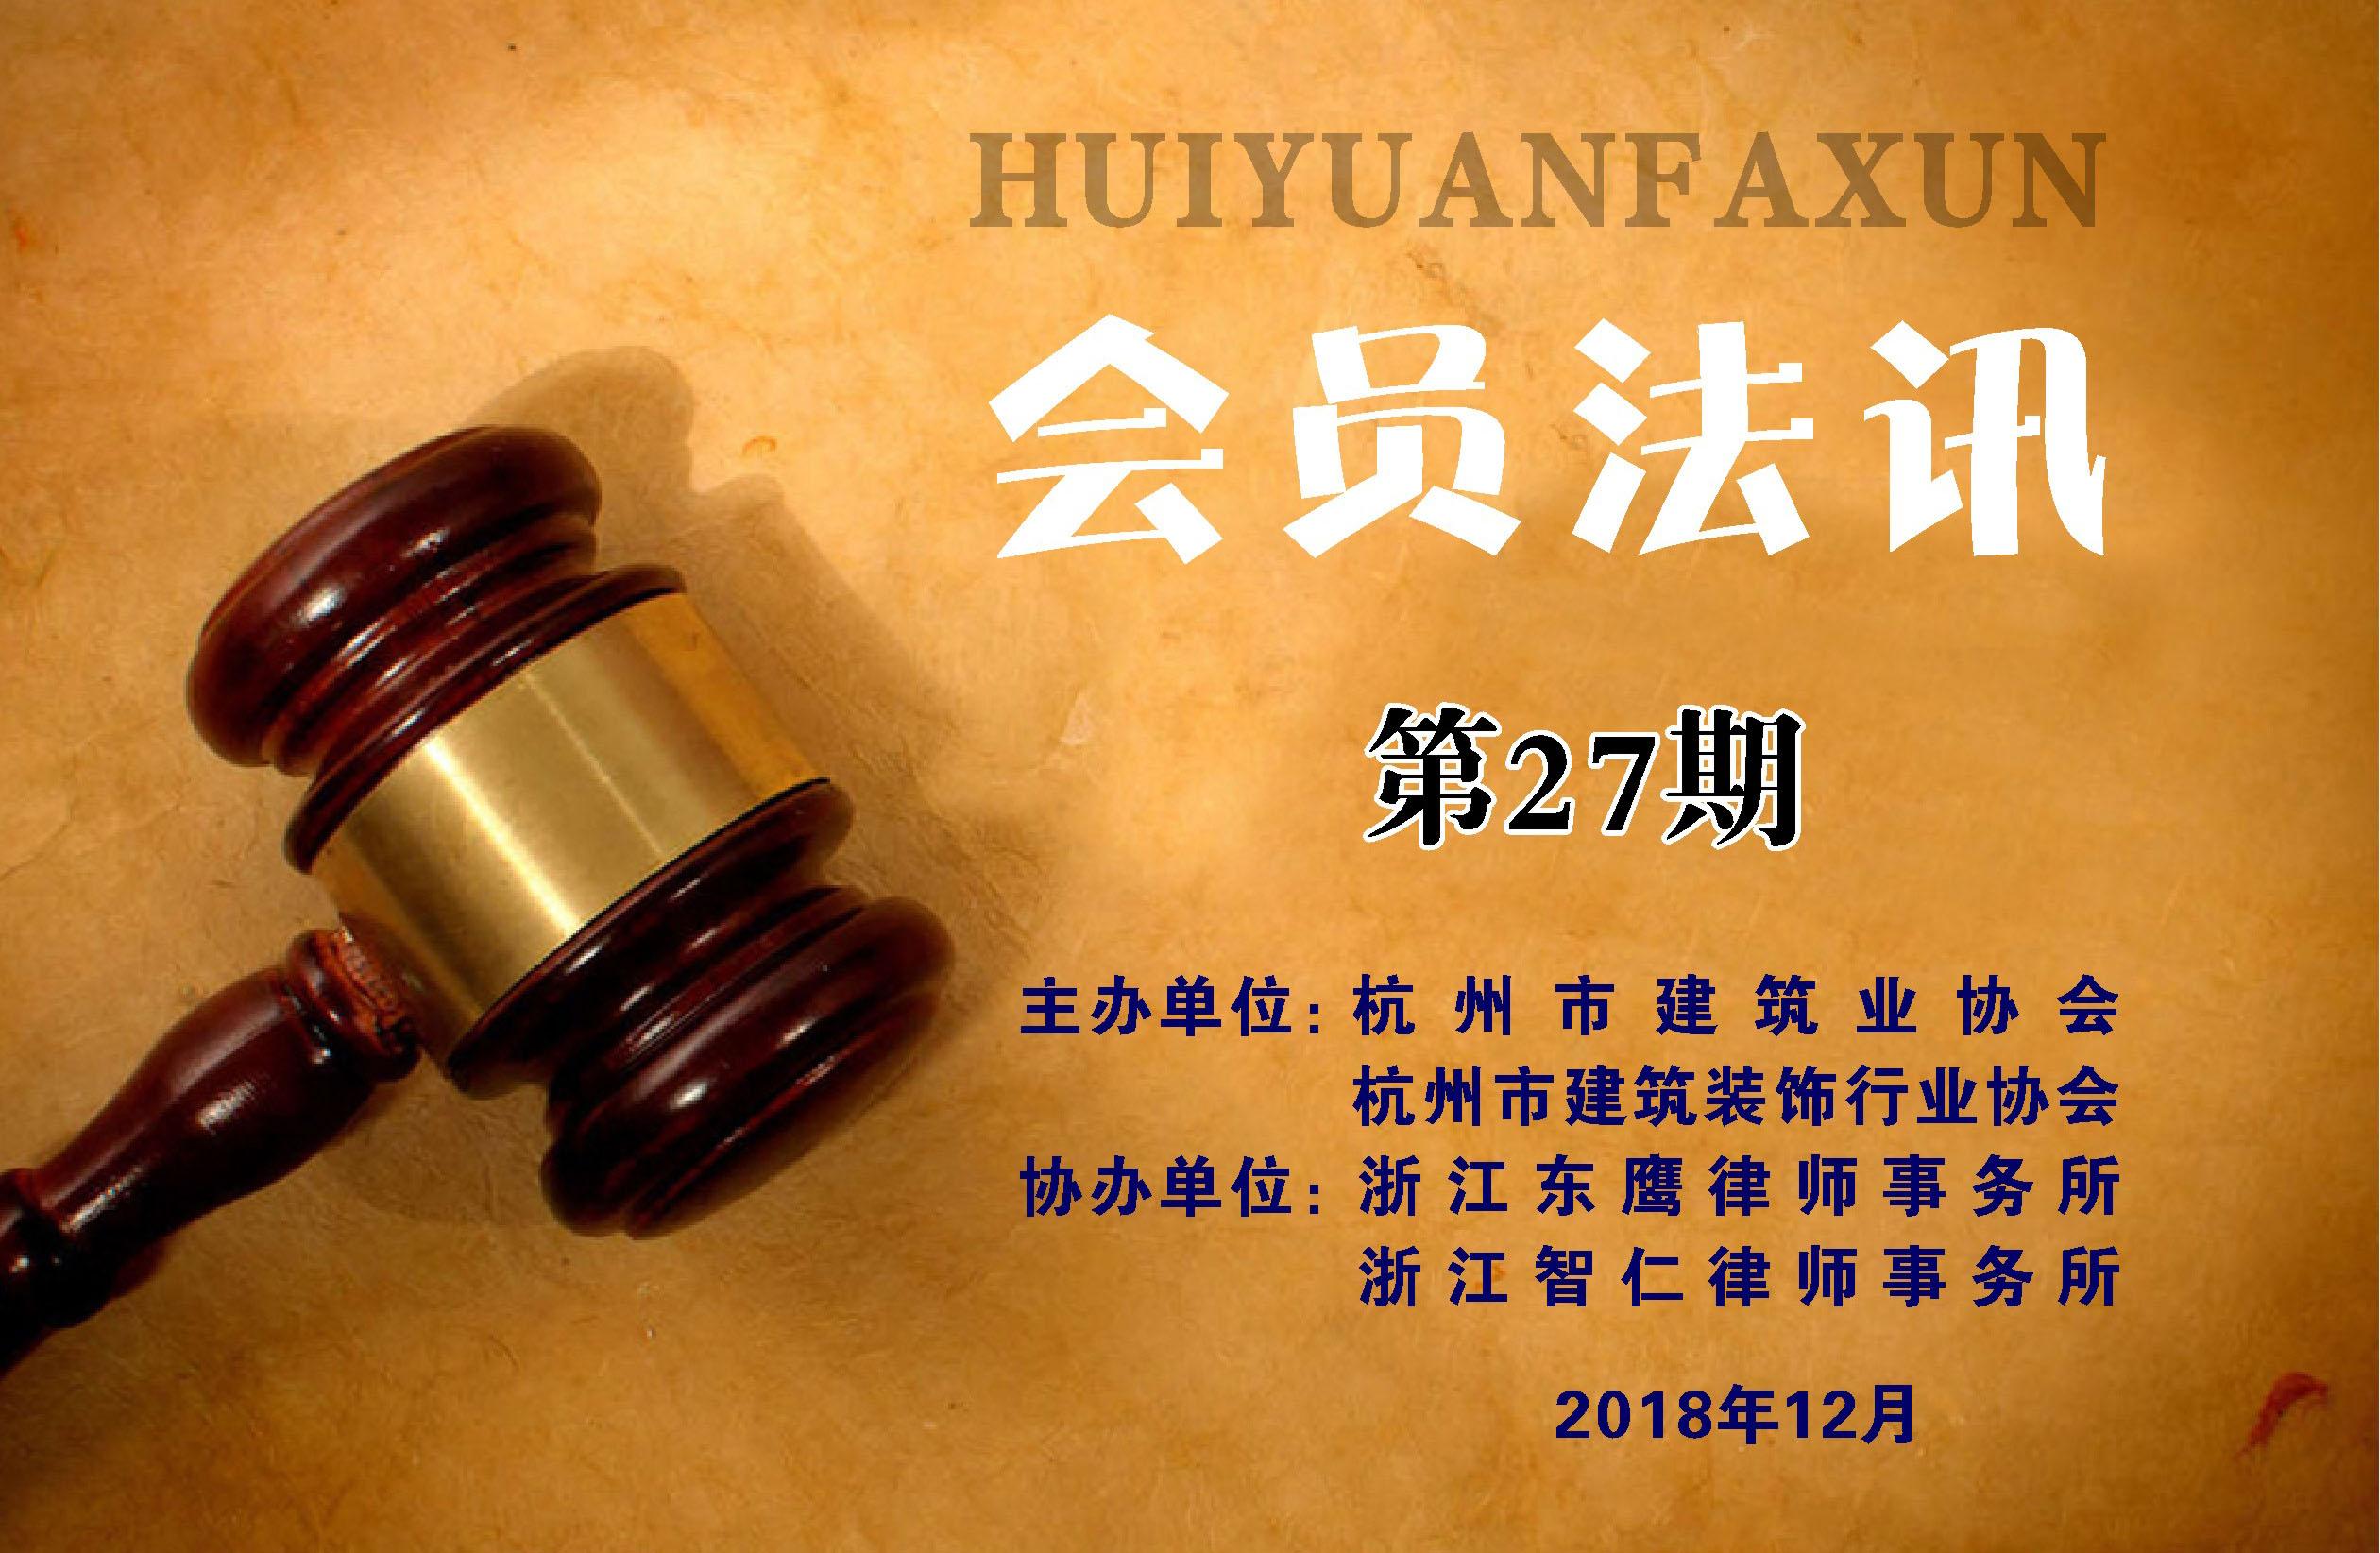 会员法讯第二十七期